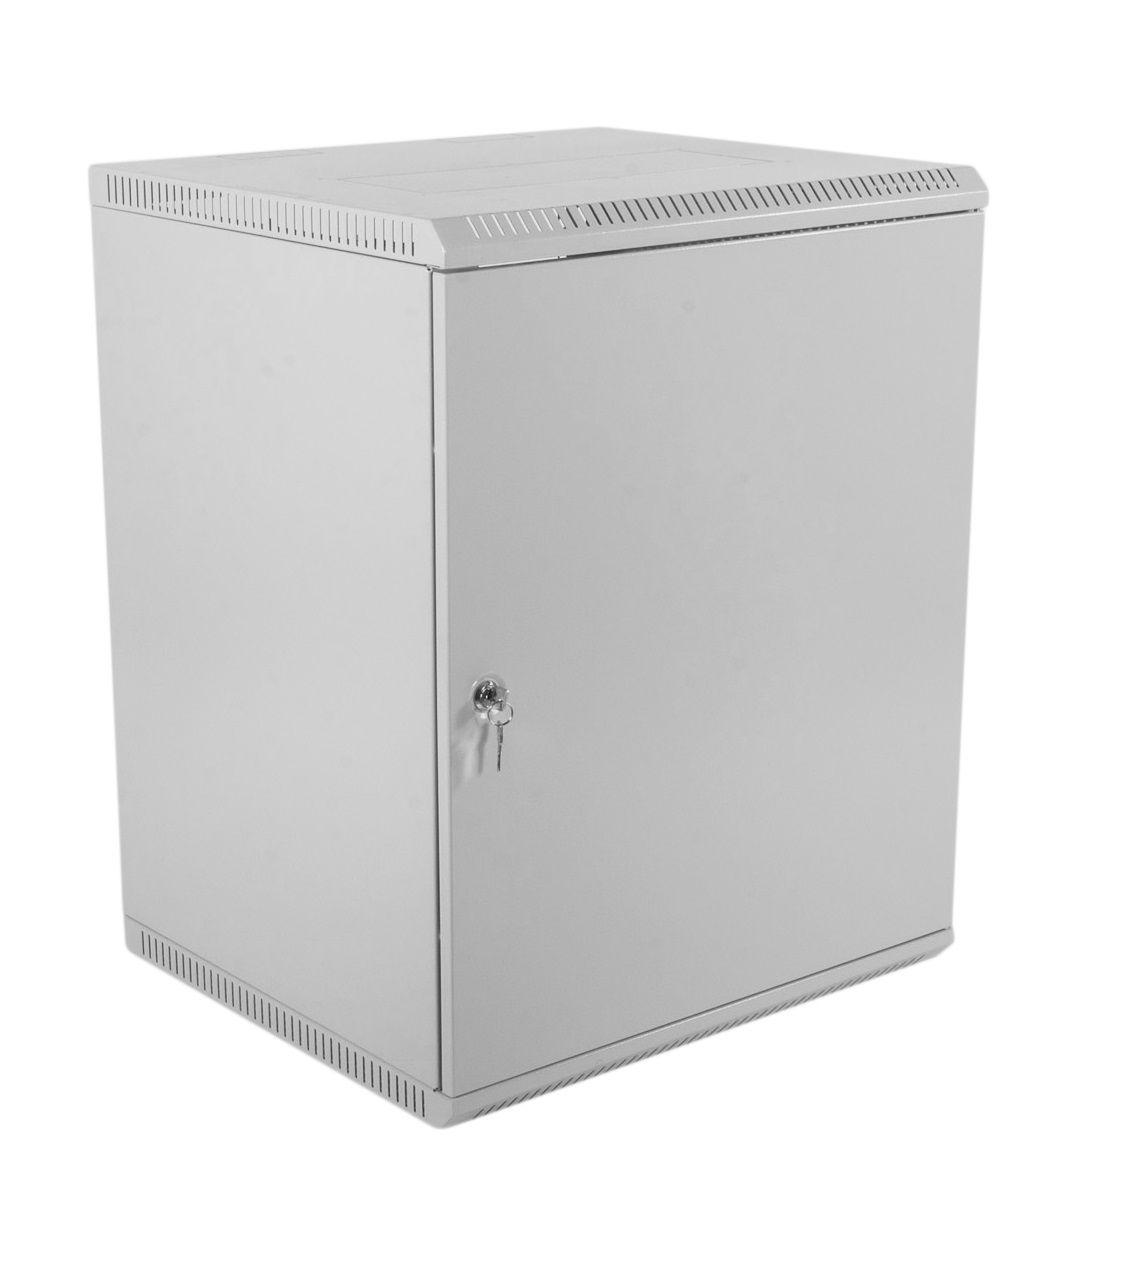 Шкаф ЦМО настенный 15U 600х520 (ШРН-Э-15.500.1)